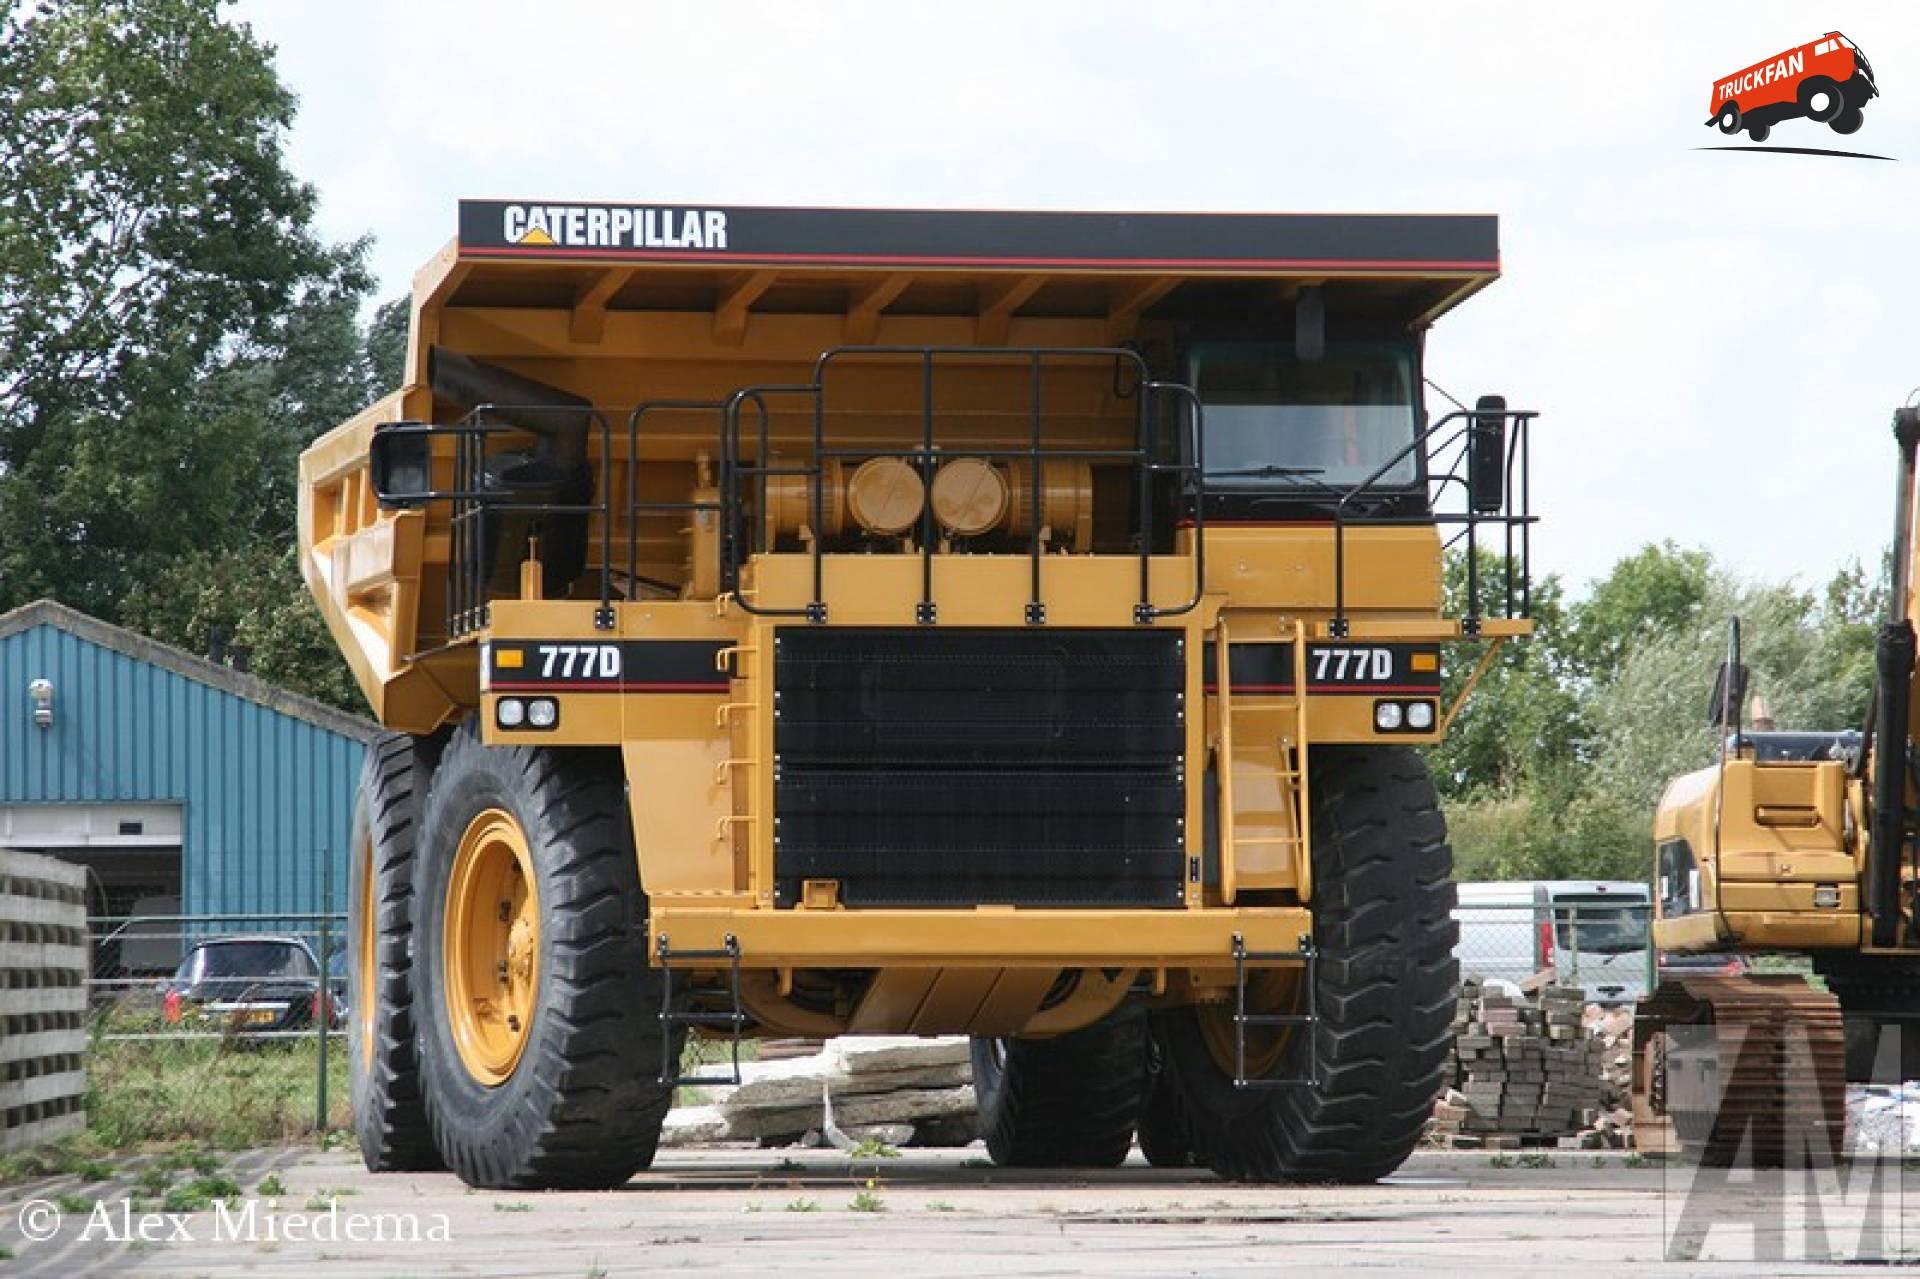 Caterpillar 777D